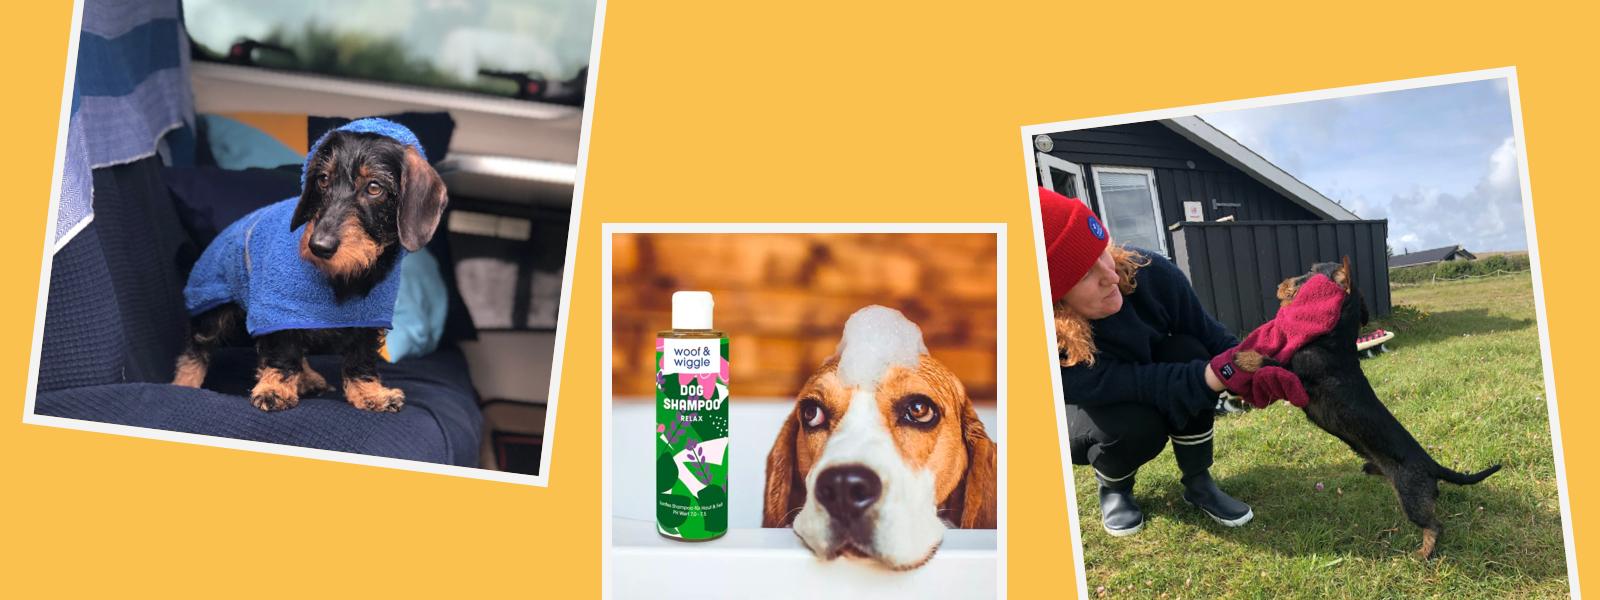 Headerbild Hundepflege